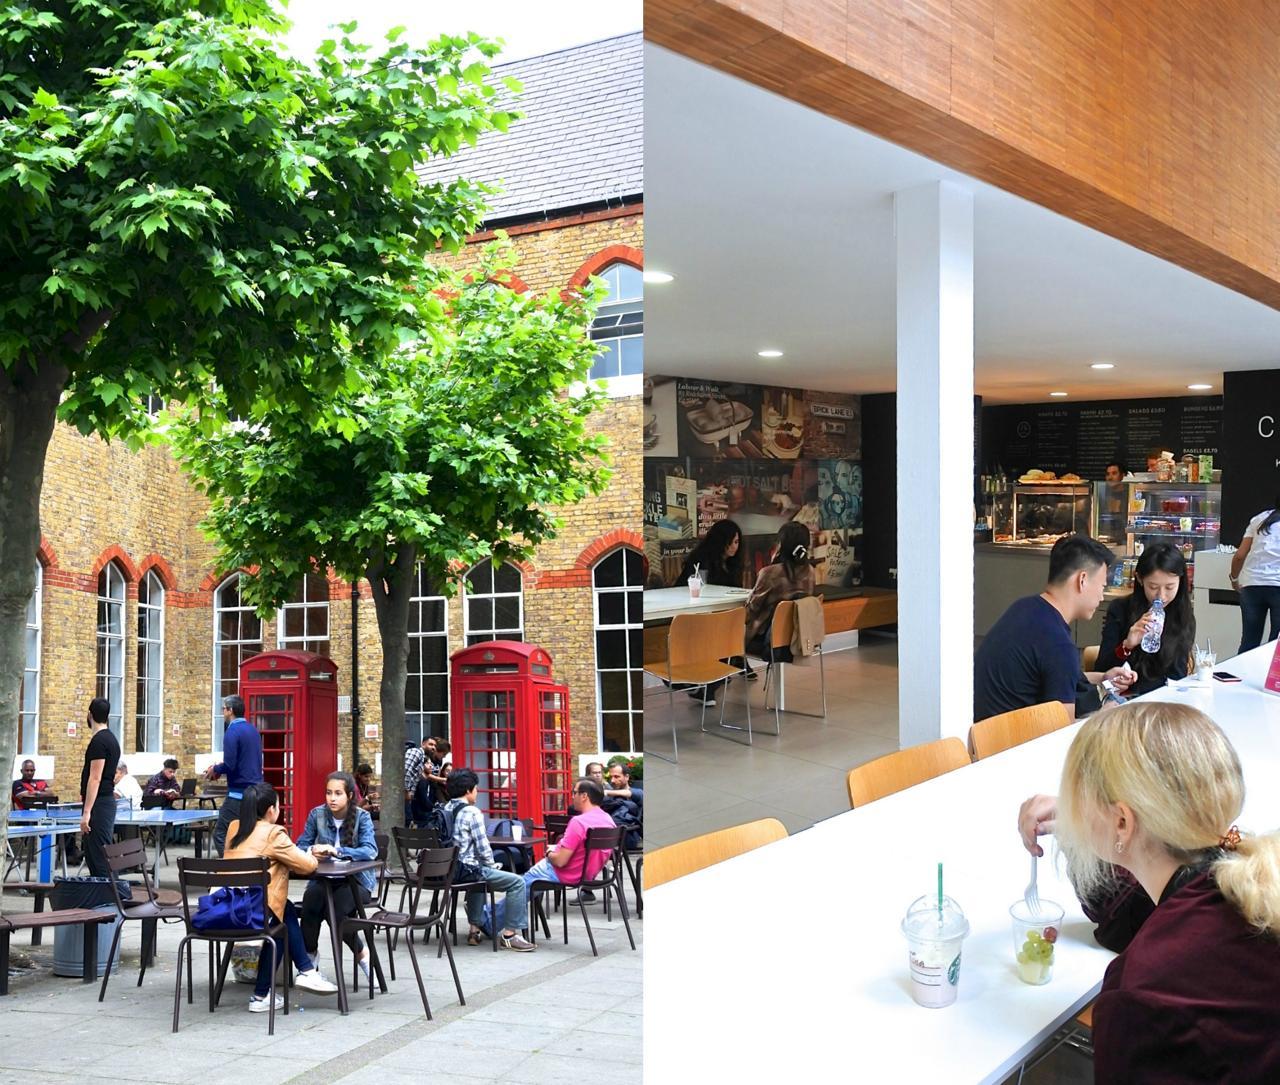 右は新しくなったカフェテリア!  モダン仕様です ^^  天気がいい日は外テーブルでブレイクも素敵です。